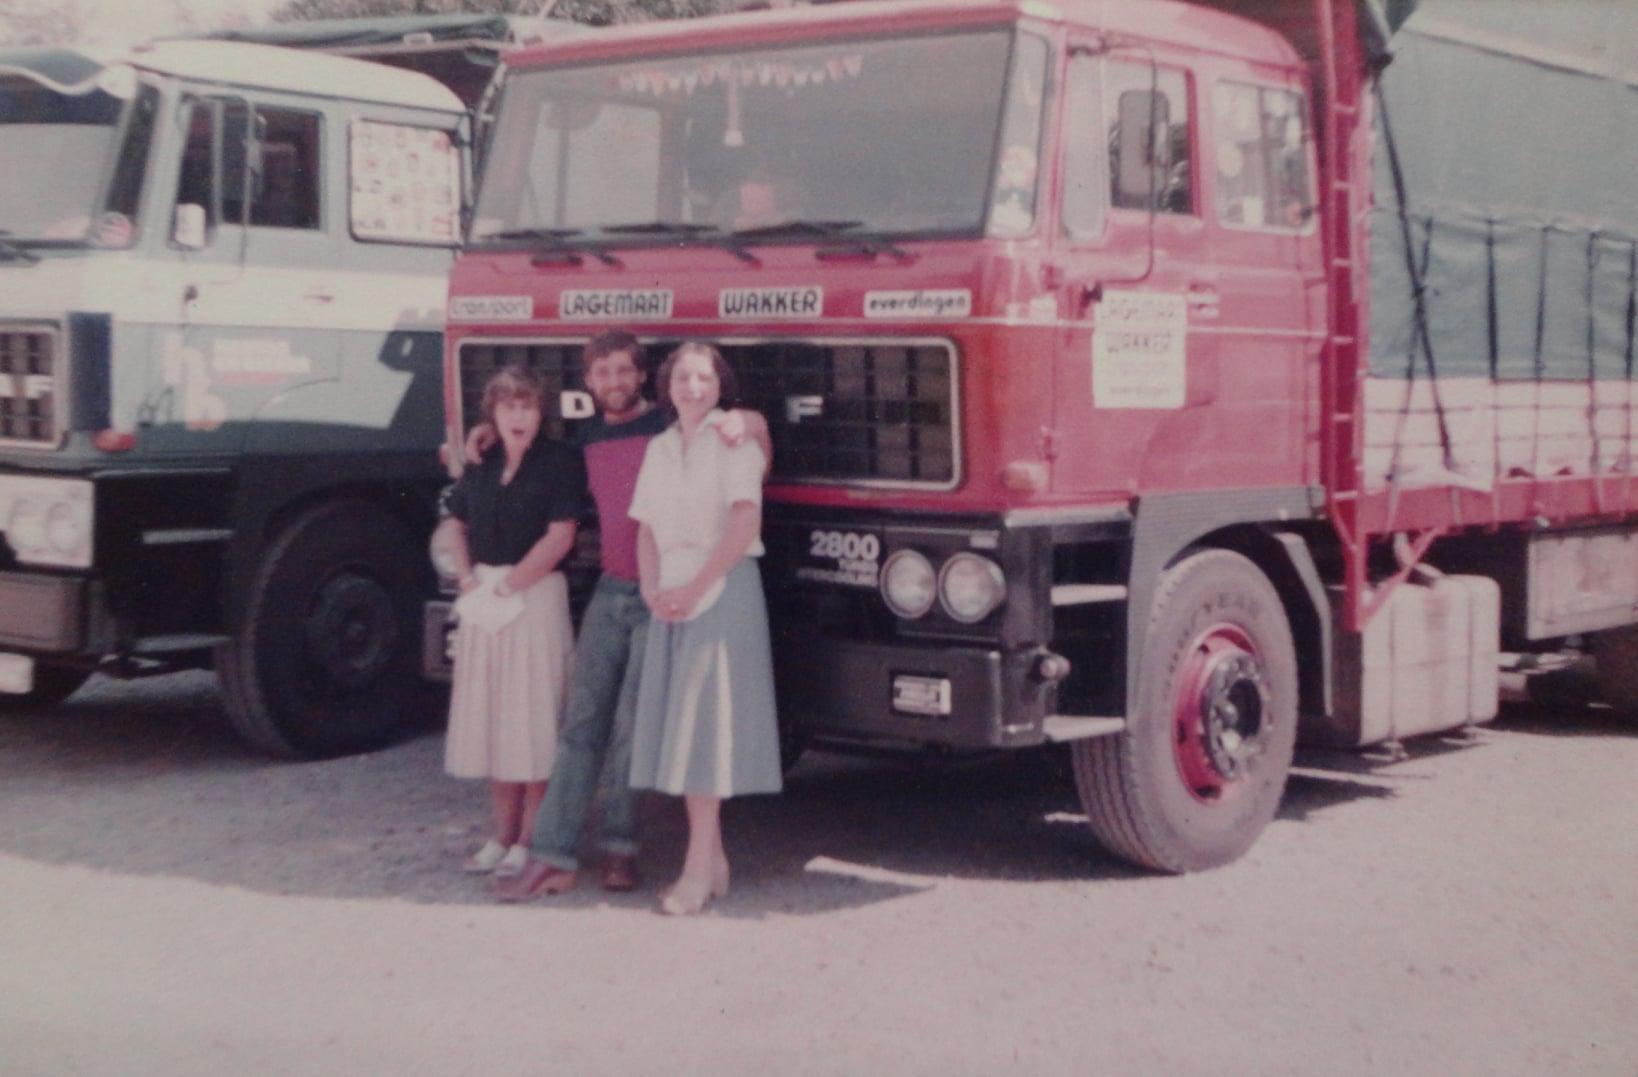 Daf--3e-foto-chauffeur-Wim-van-Straaten-met-bedienend-personeel-van-de-Tos-in-Weert-links-Irma-rechts-Ingrid-laatste-foto-thuis